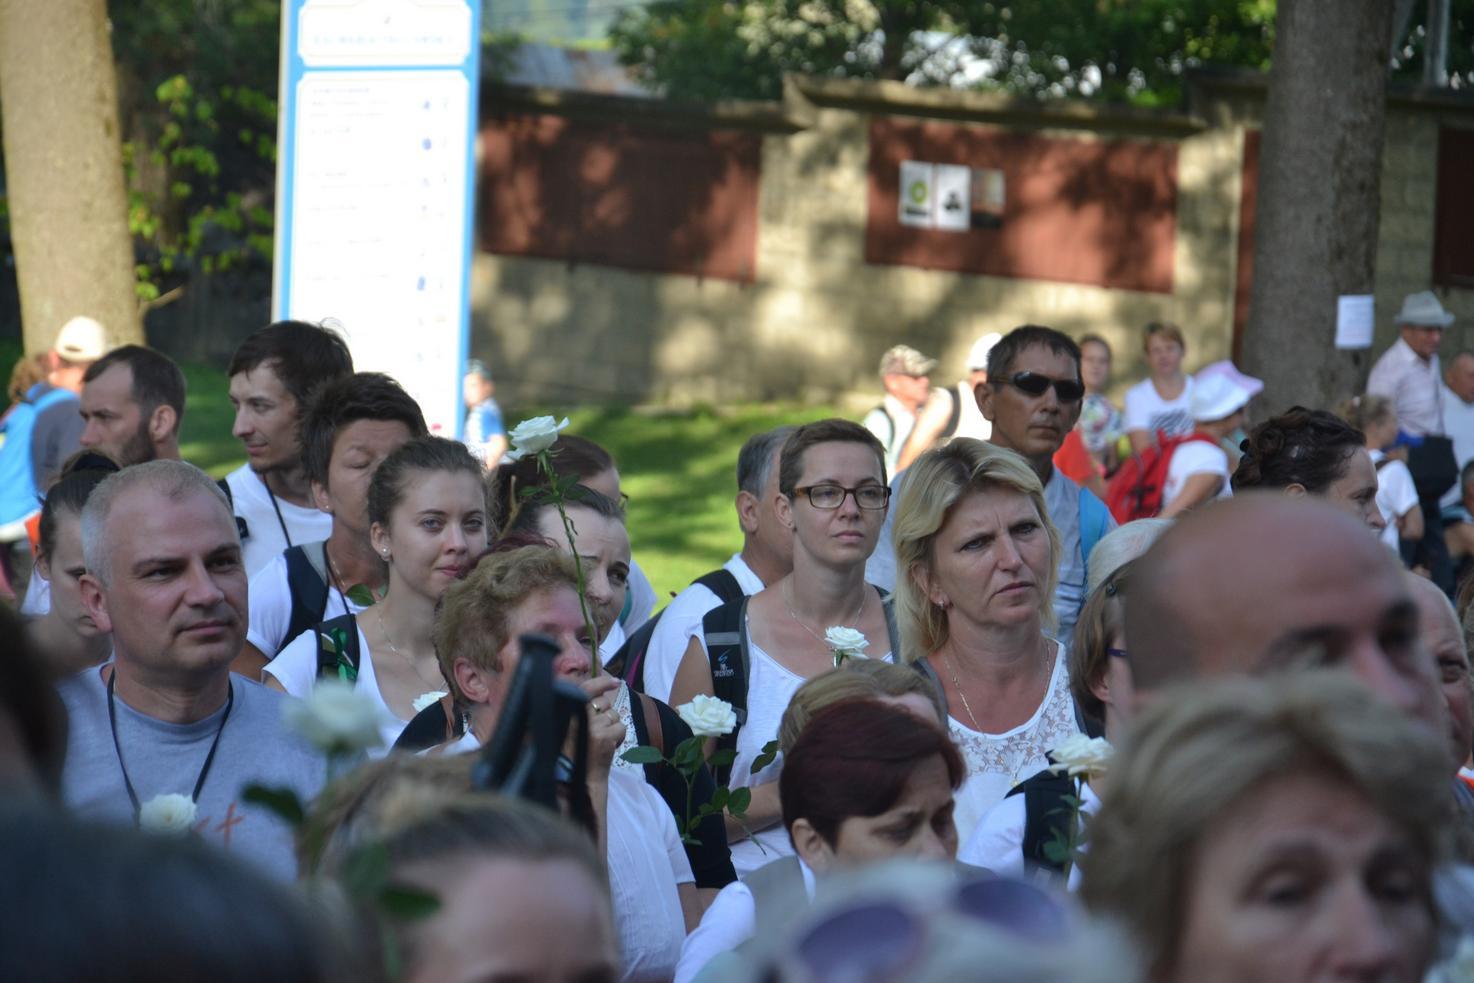 15 Piesza Pielgrzymka Krosno - Kalwaria Pacławska - dzień czwarty 12 sierpnia 2017 (37)